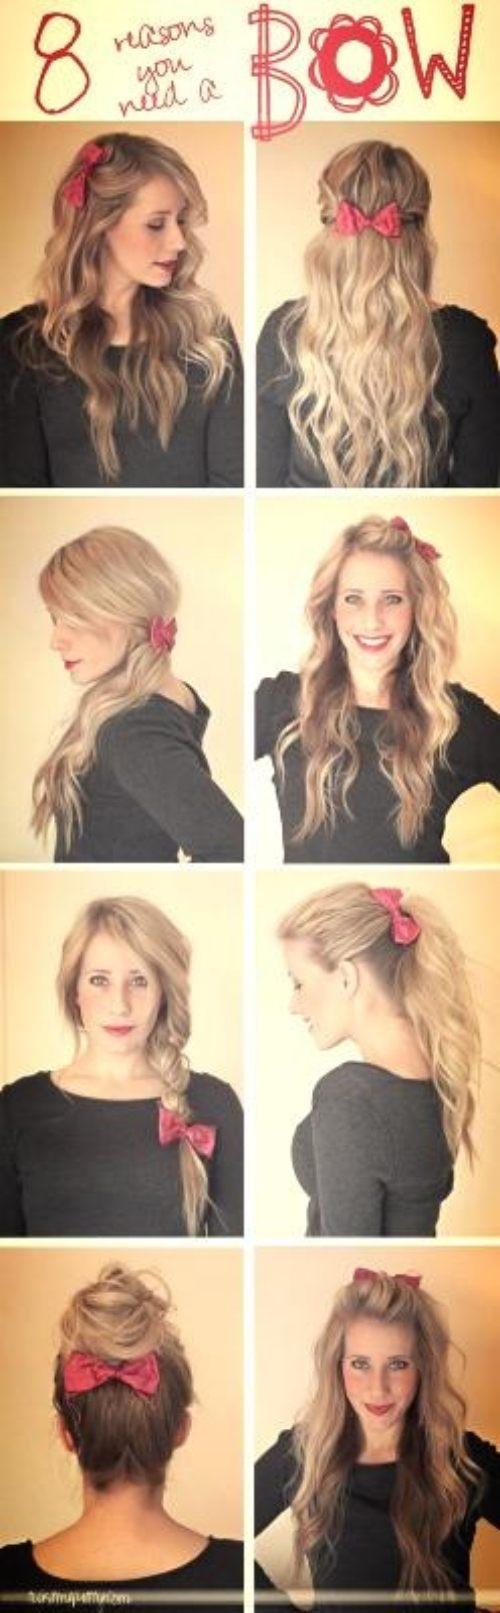 diferentes peinados para pelo ondulado